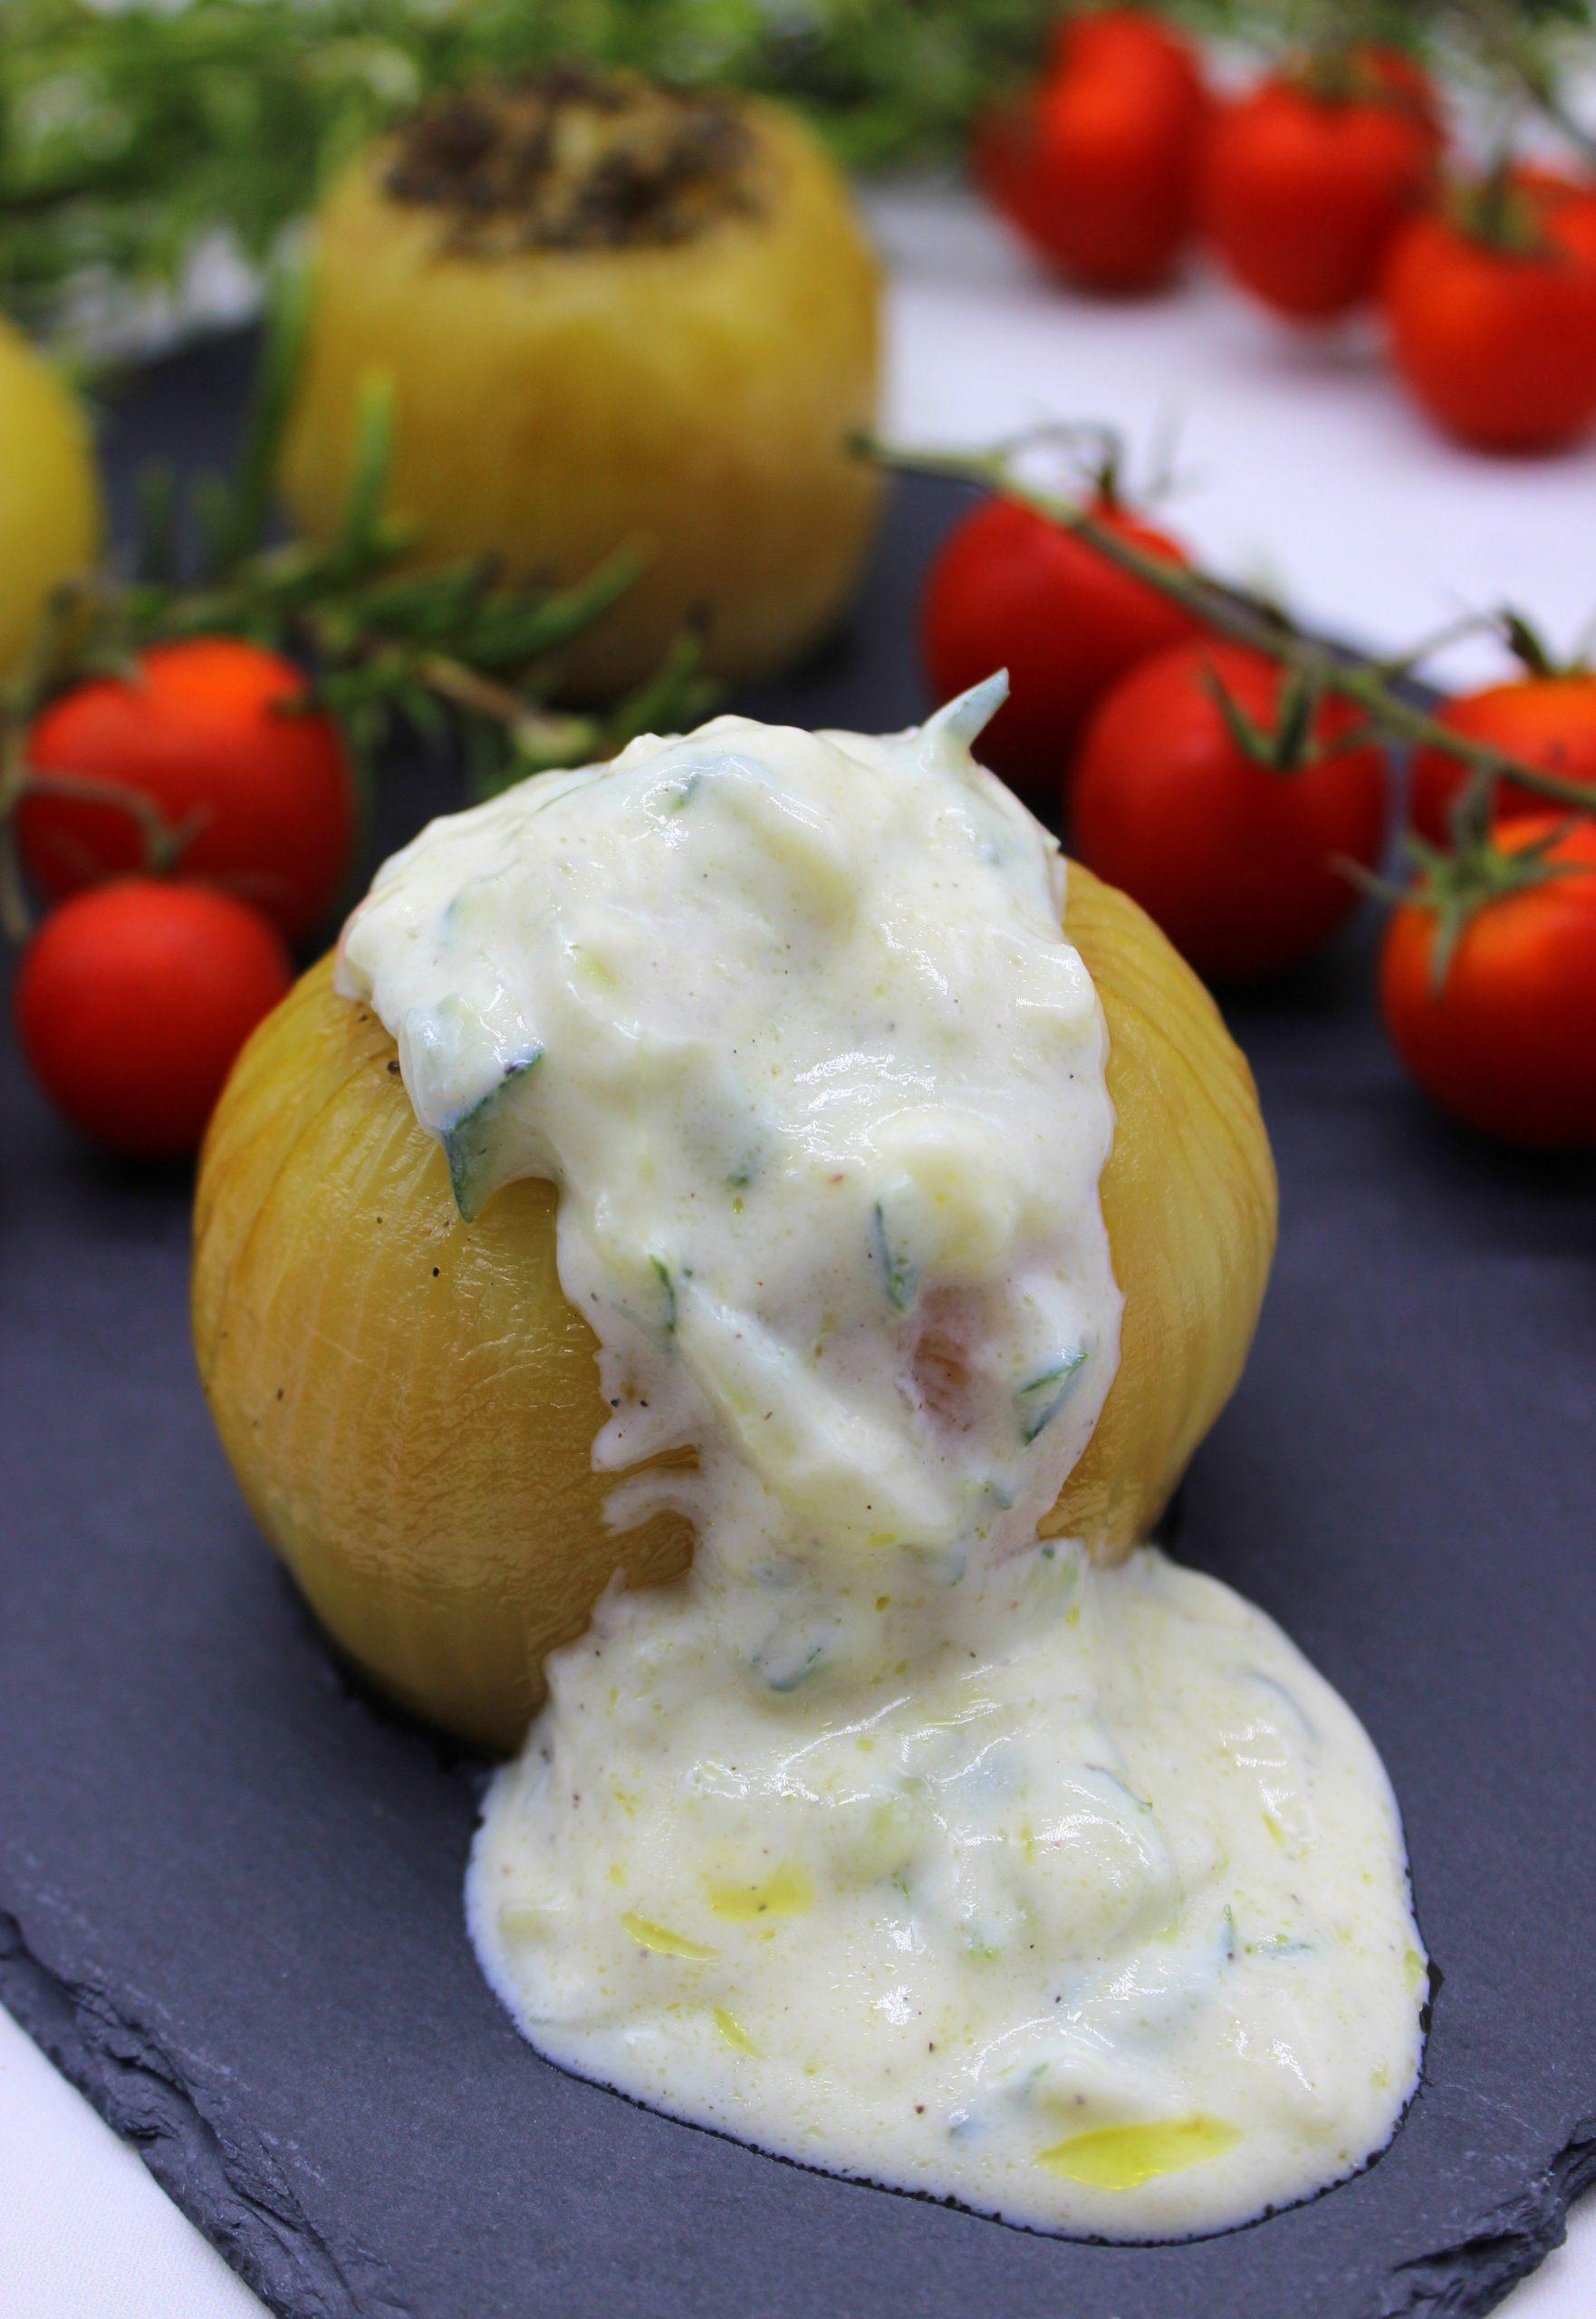 Cipolle al forno con rosmarino fresco e la salsa Tzatziki